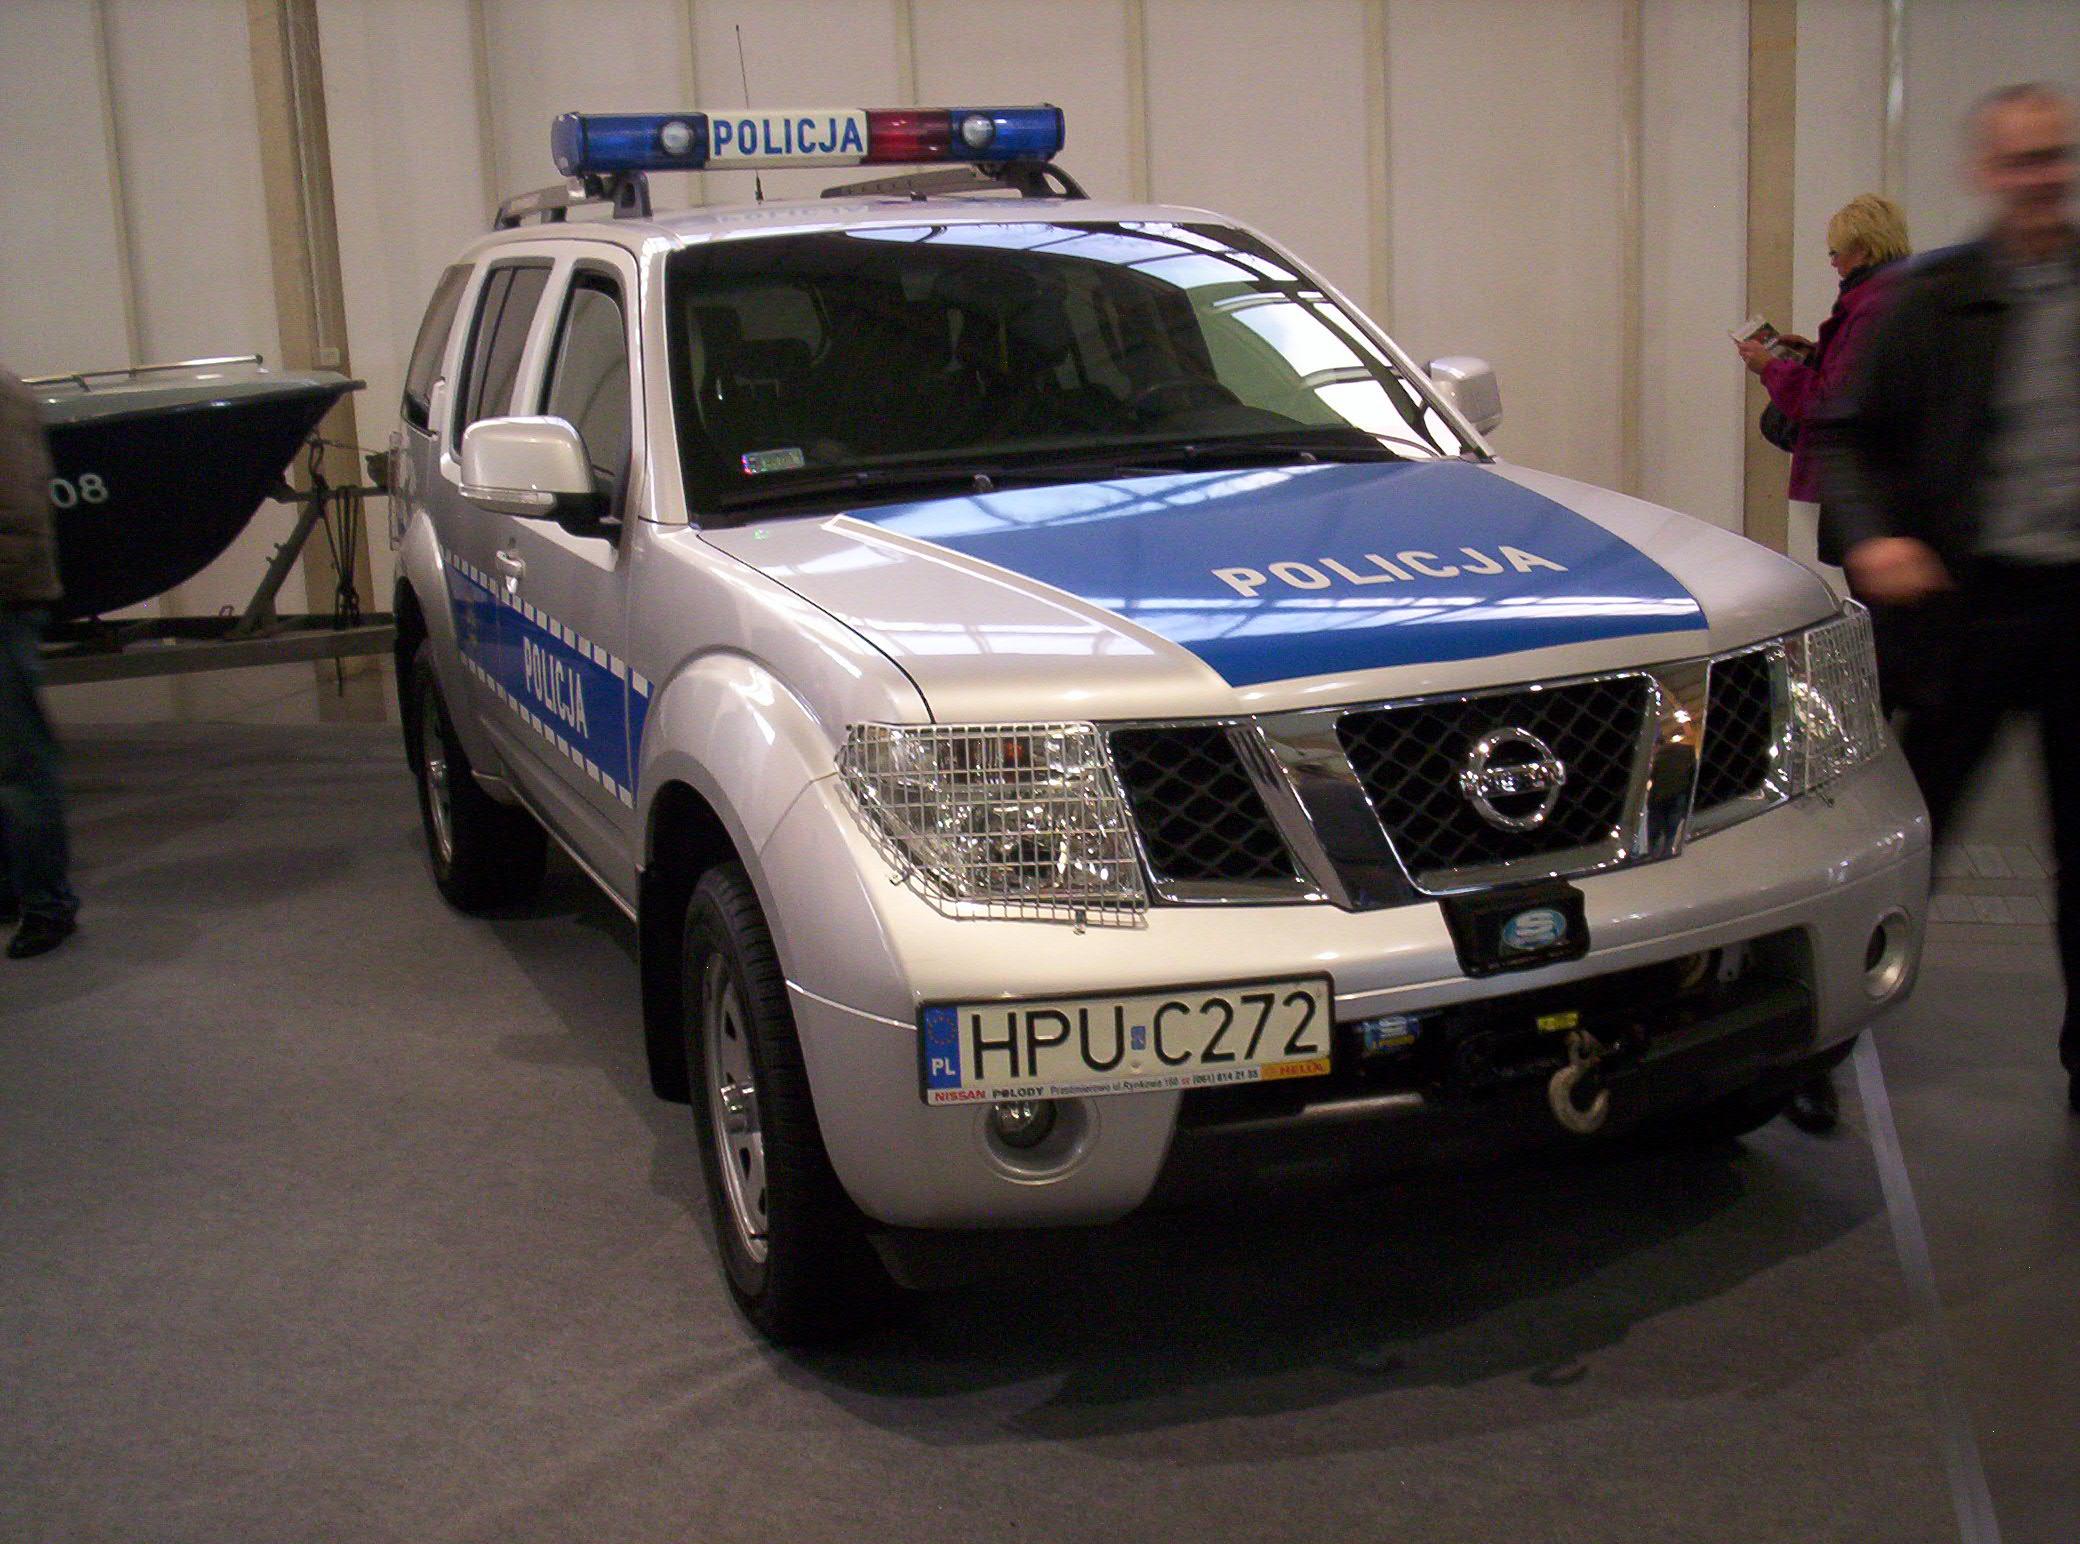 file nissan pathfinder r51 police front poznan. Black Bedroom Furniture Sets. Home Design Ideas